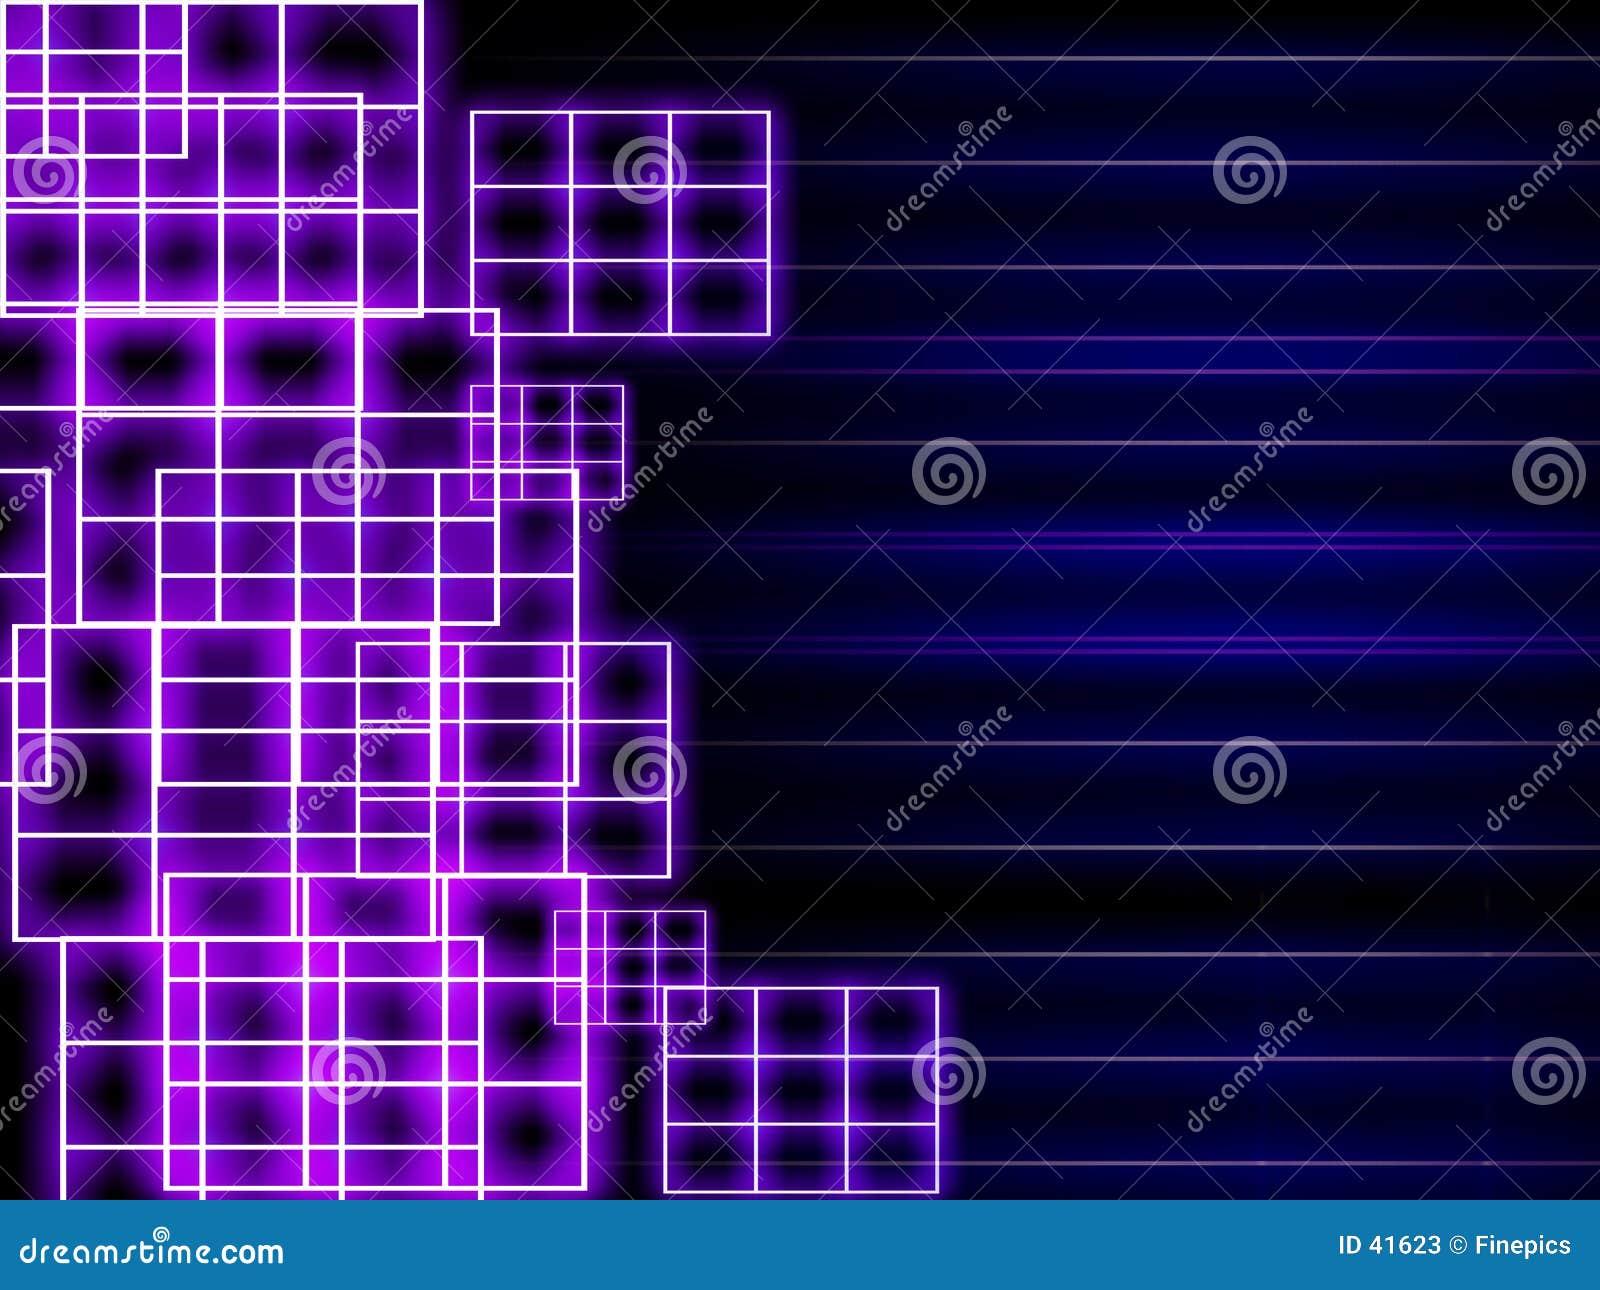 Background grid neon